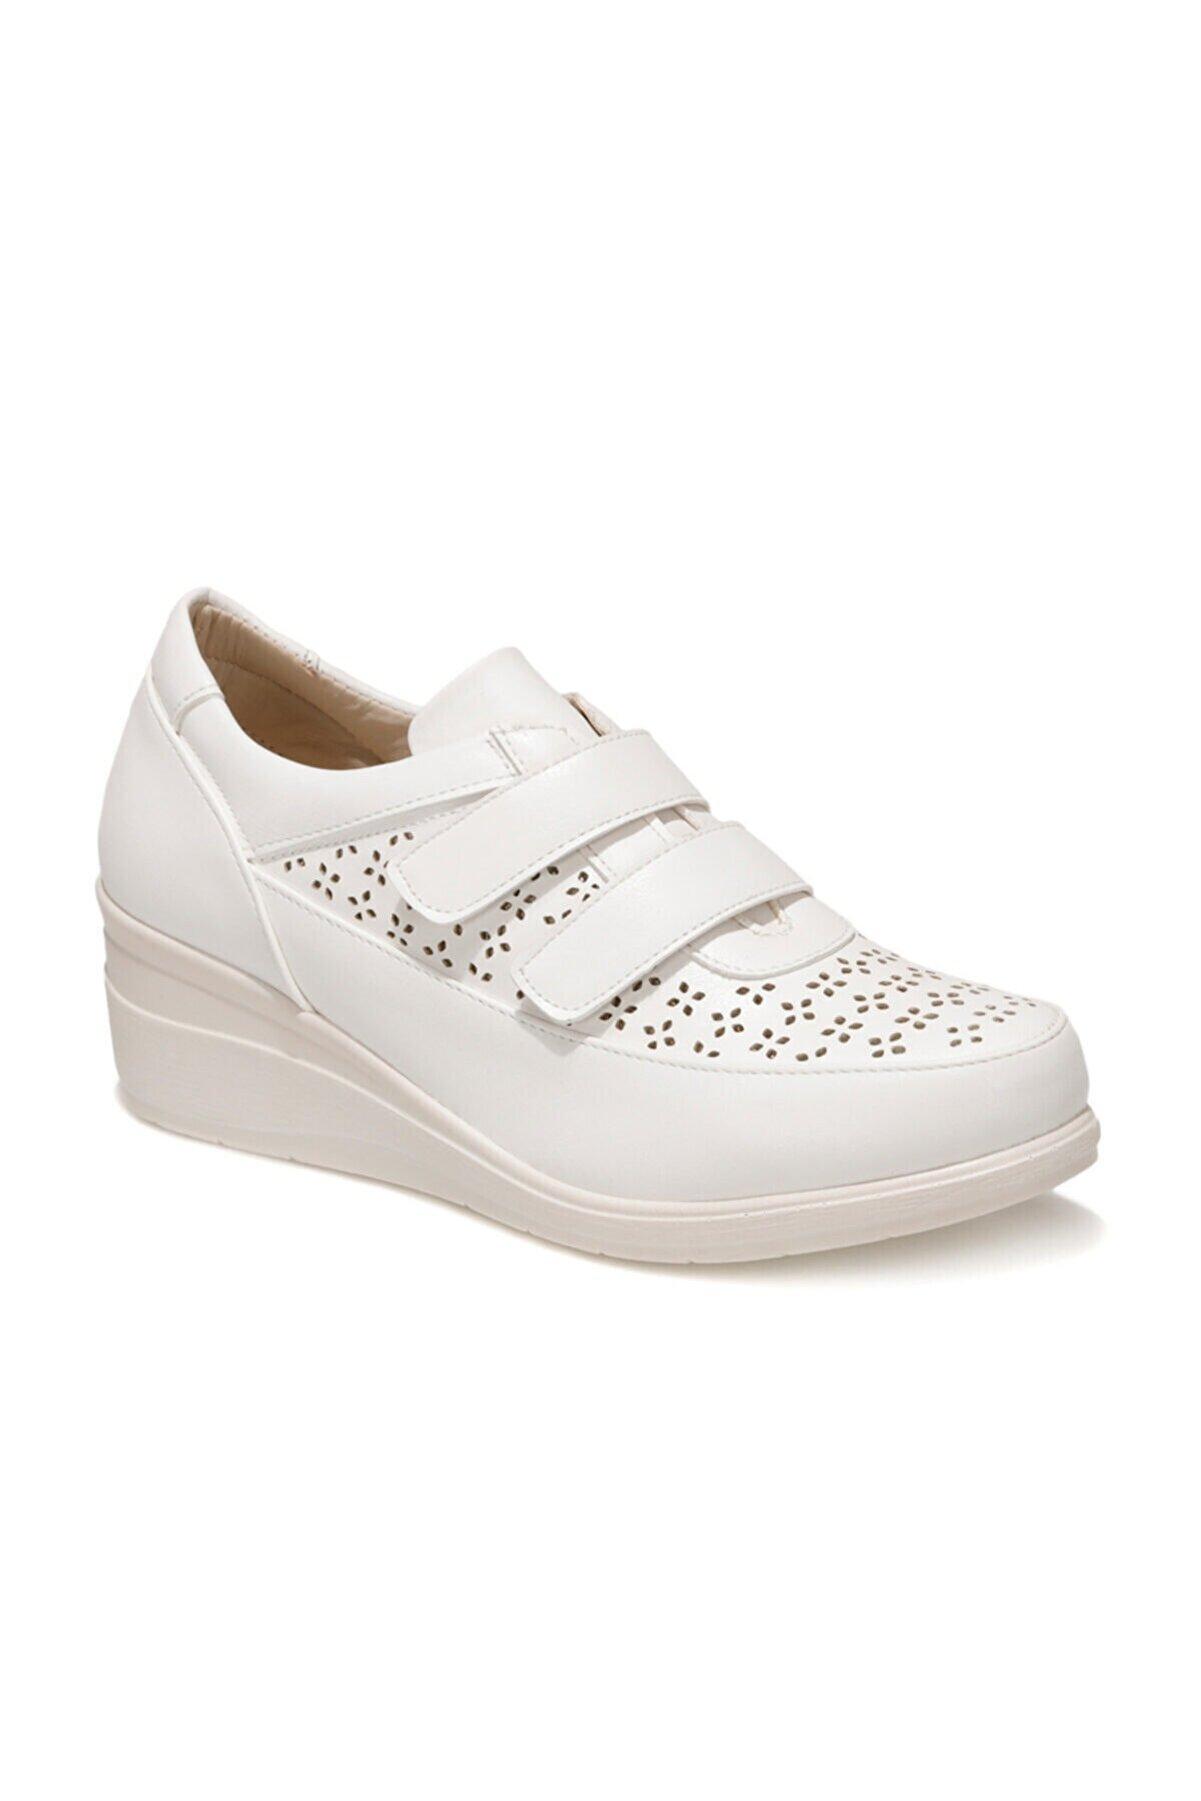 Polaris 161667.Z1FX Beyaz Kadın Basic Comfort 100985632